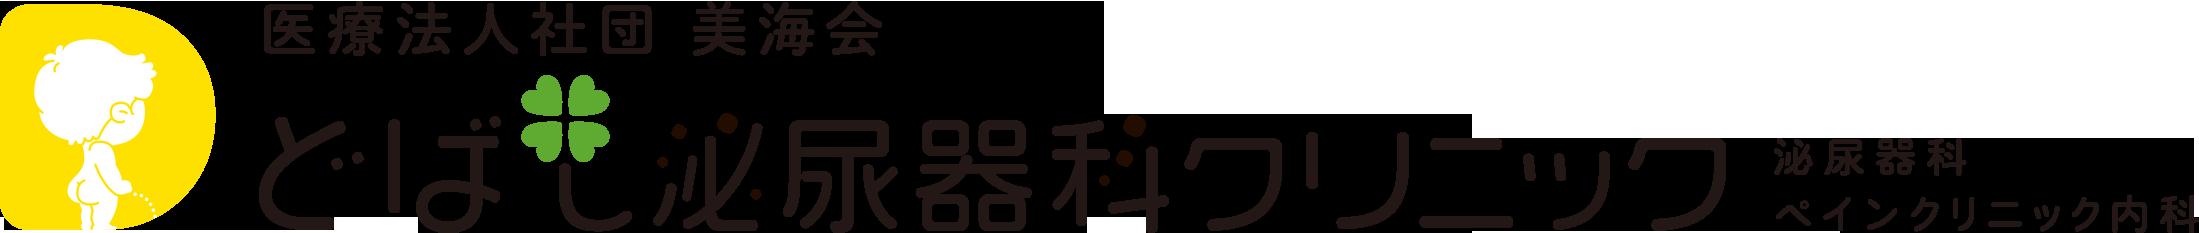 医療法人社団 美海会 どばし泌尿器科クリニック 泌尿器科・ペインクリニック内科